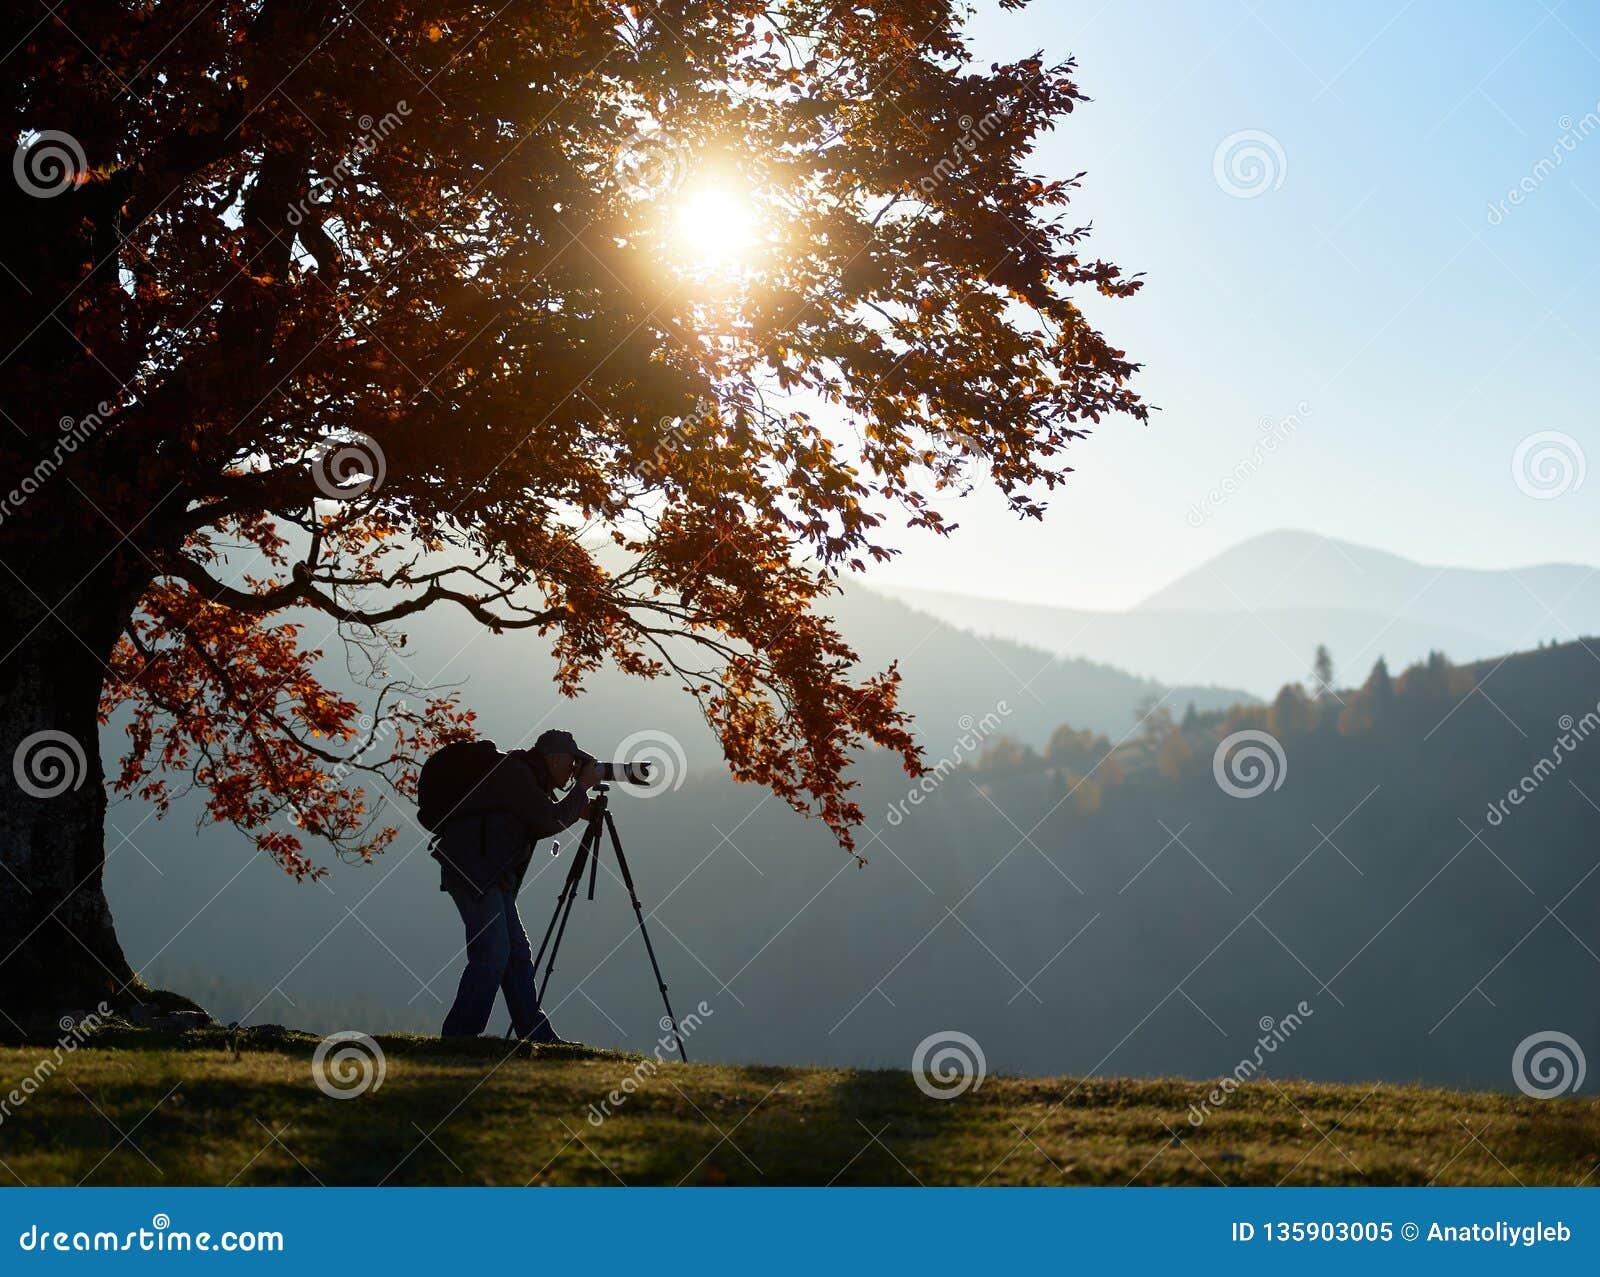 Άτομο τουριστών οδοιπόρων με τη κάμερα στη χλοώδη κοιλάδα στο υπόβαθρο του τοπίου βουνών κάτω από το μεγάλο δέντρο